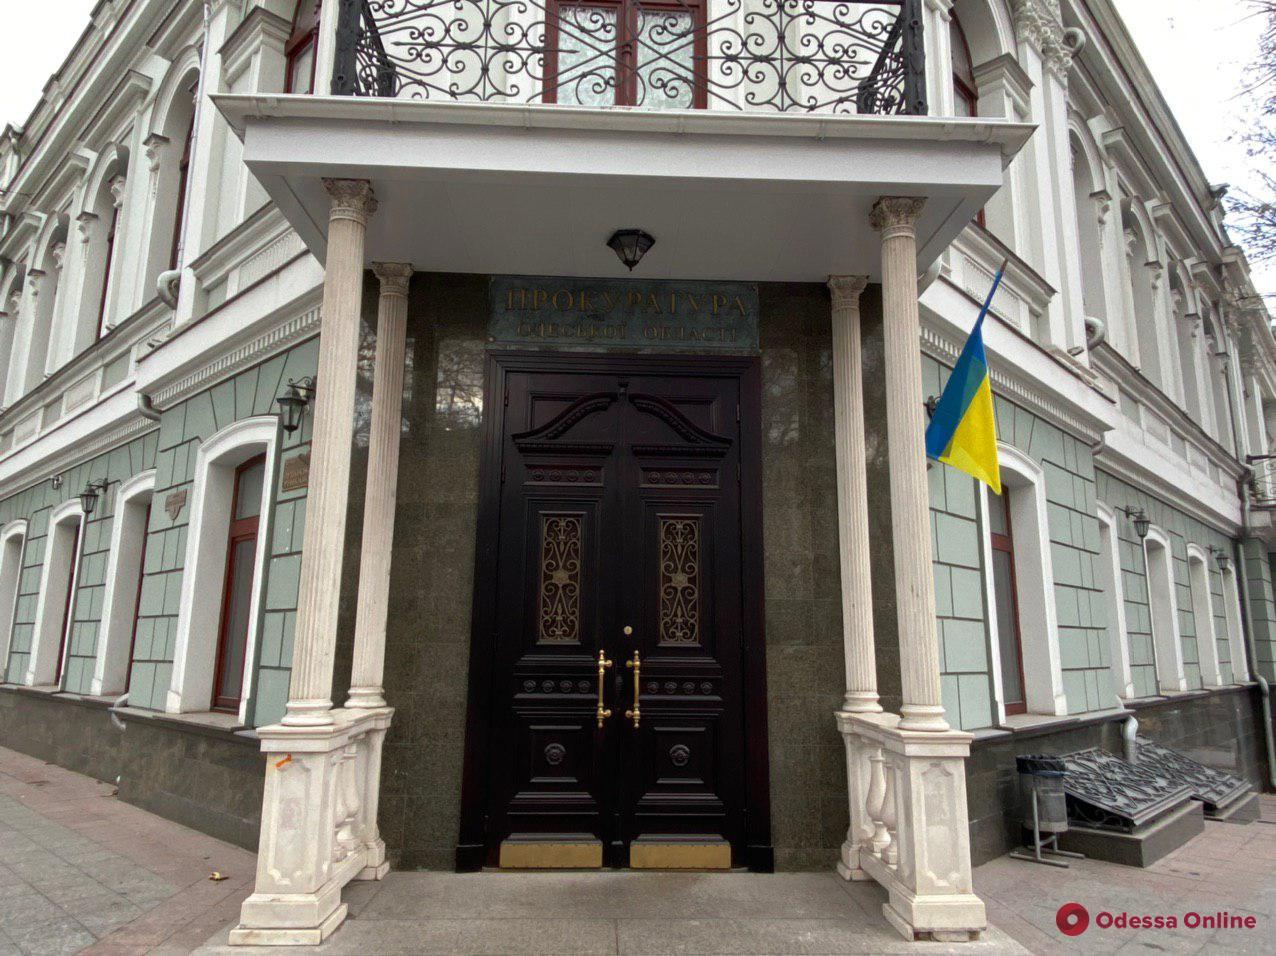 Прокуратура требует вернуть одесской громаде земельный участок в Лузановке и снести нахалстрой